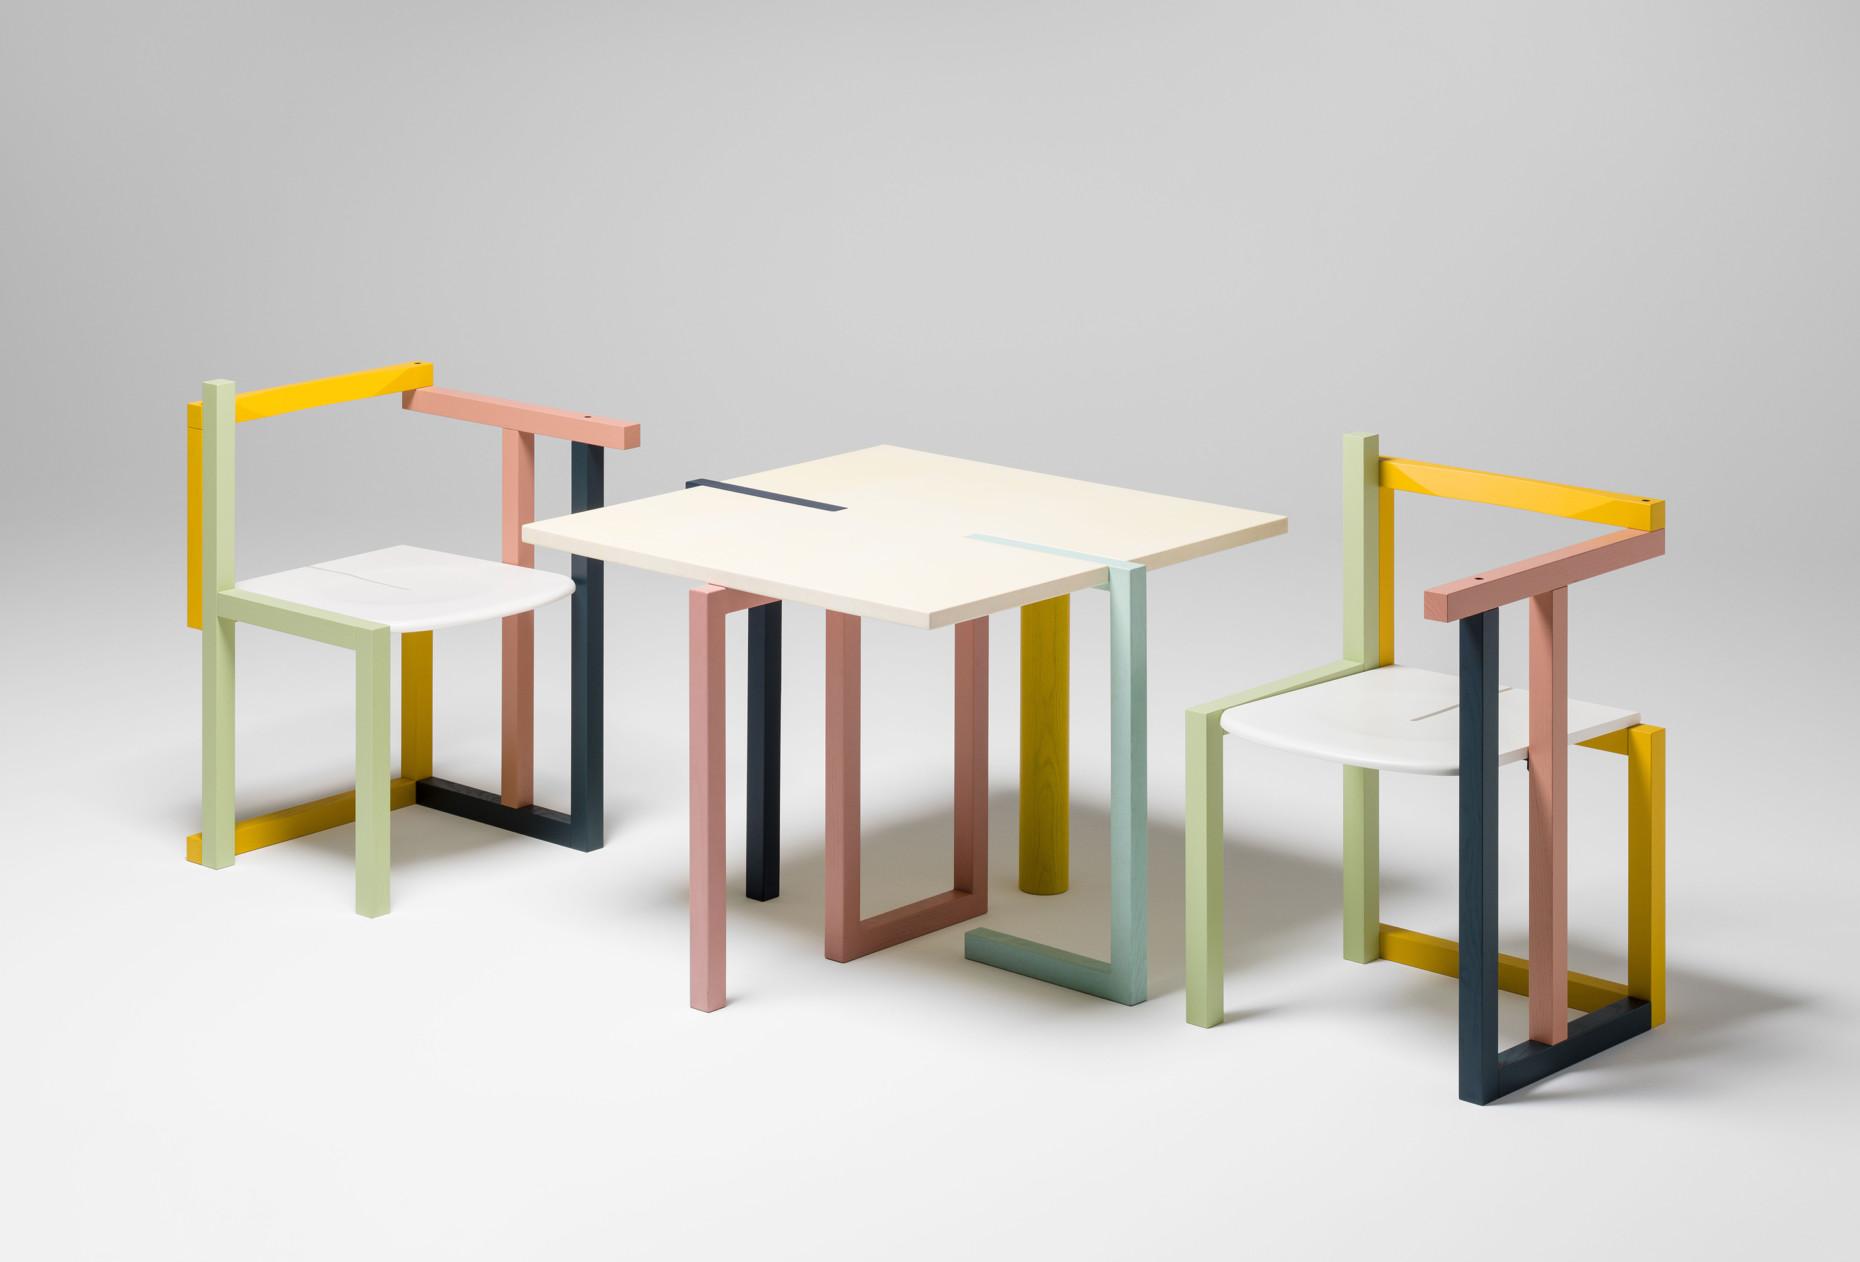 Susi and Ueli Berger: STUHL-chair und TISCH-table (1981), Museum für Gestaltung Zürich, Designsammlung